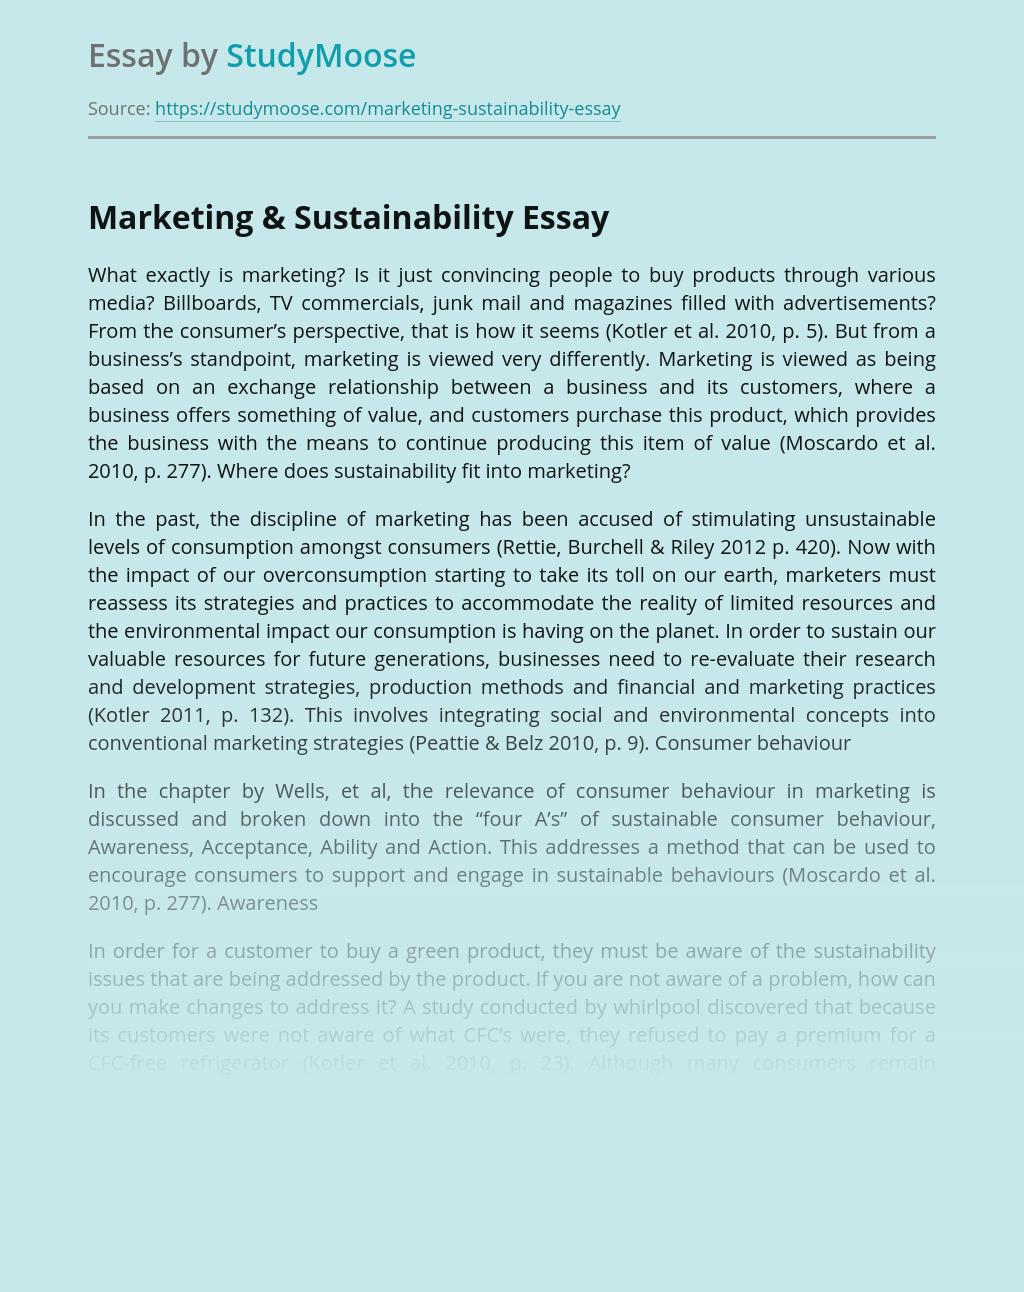 Marketing & Sustainability